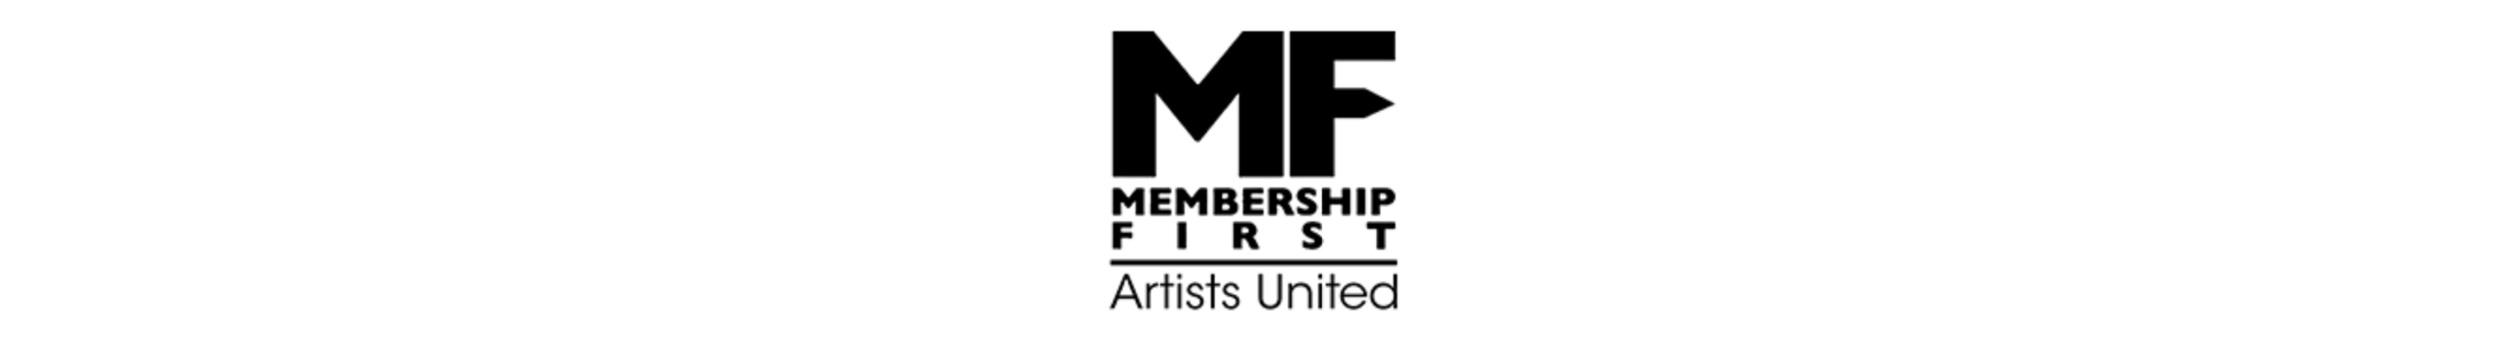 mf+banner.jpg